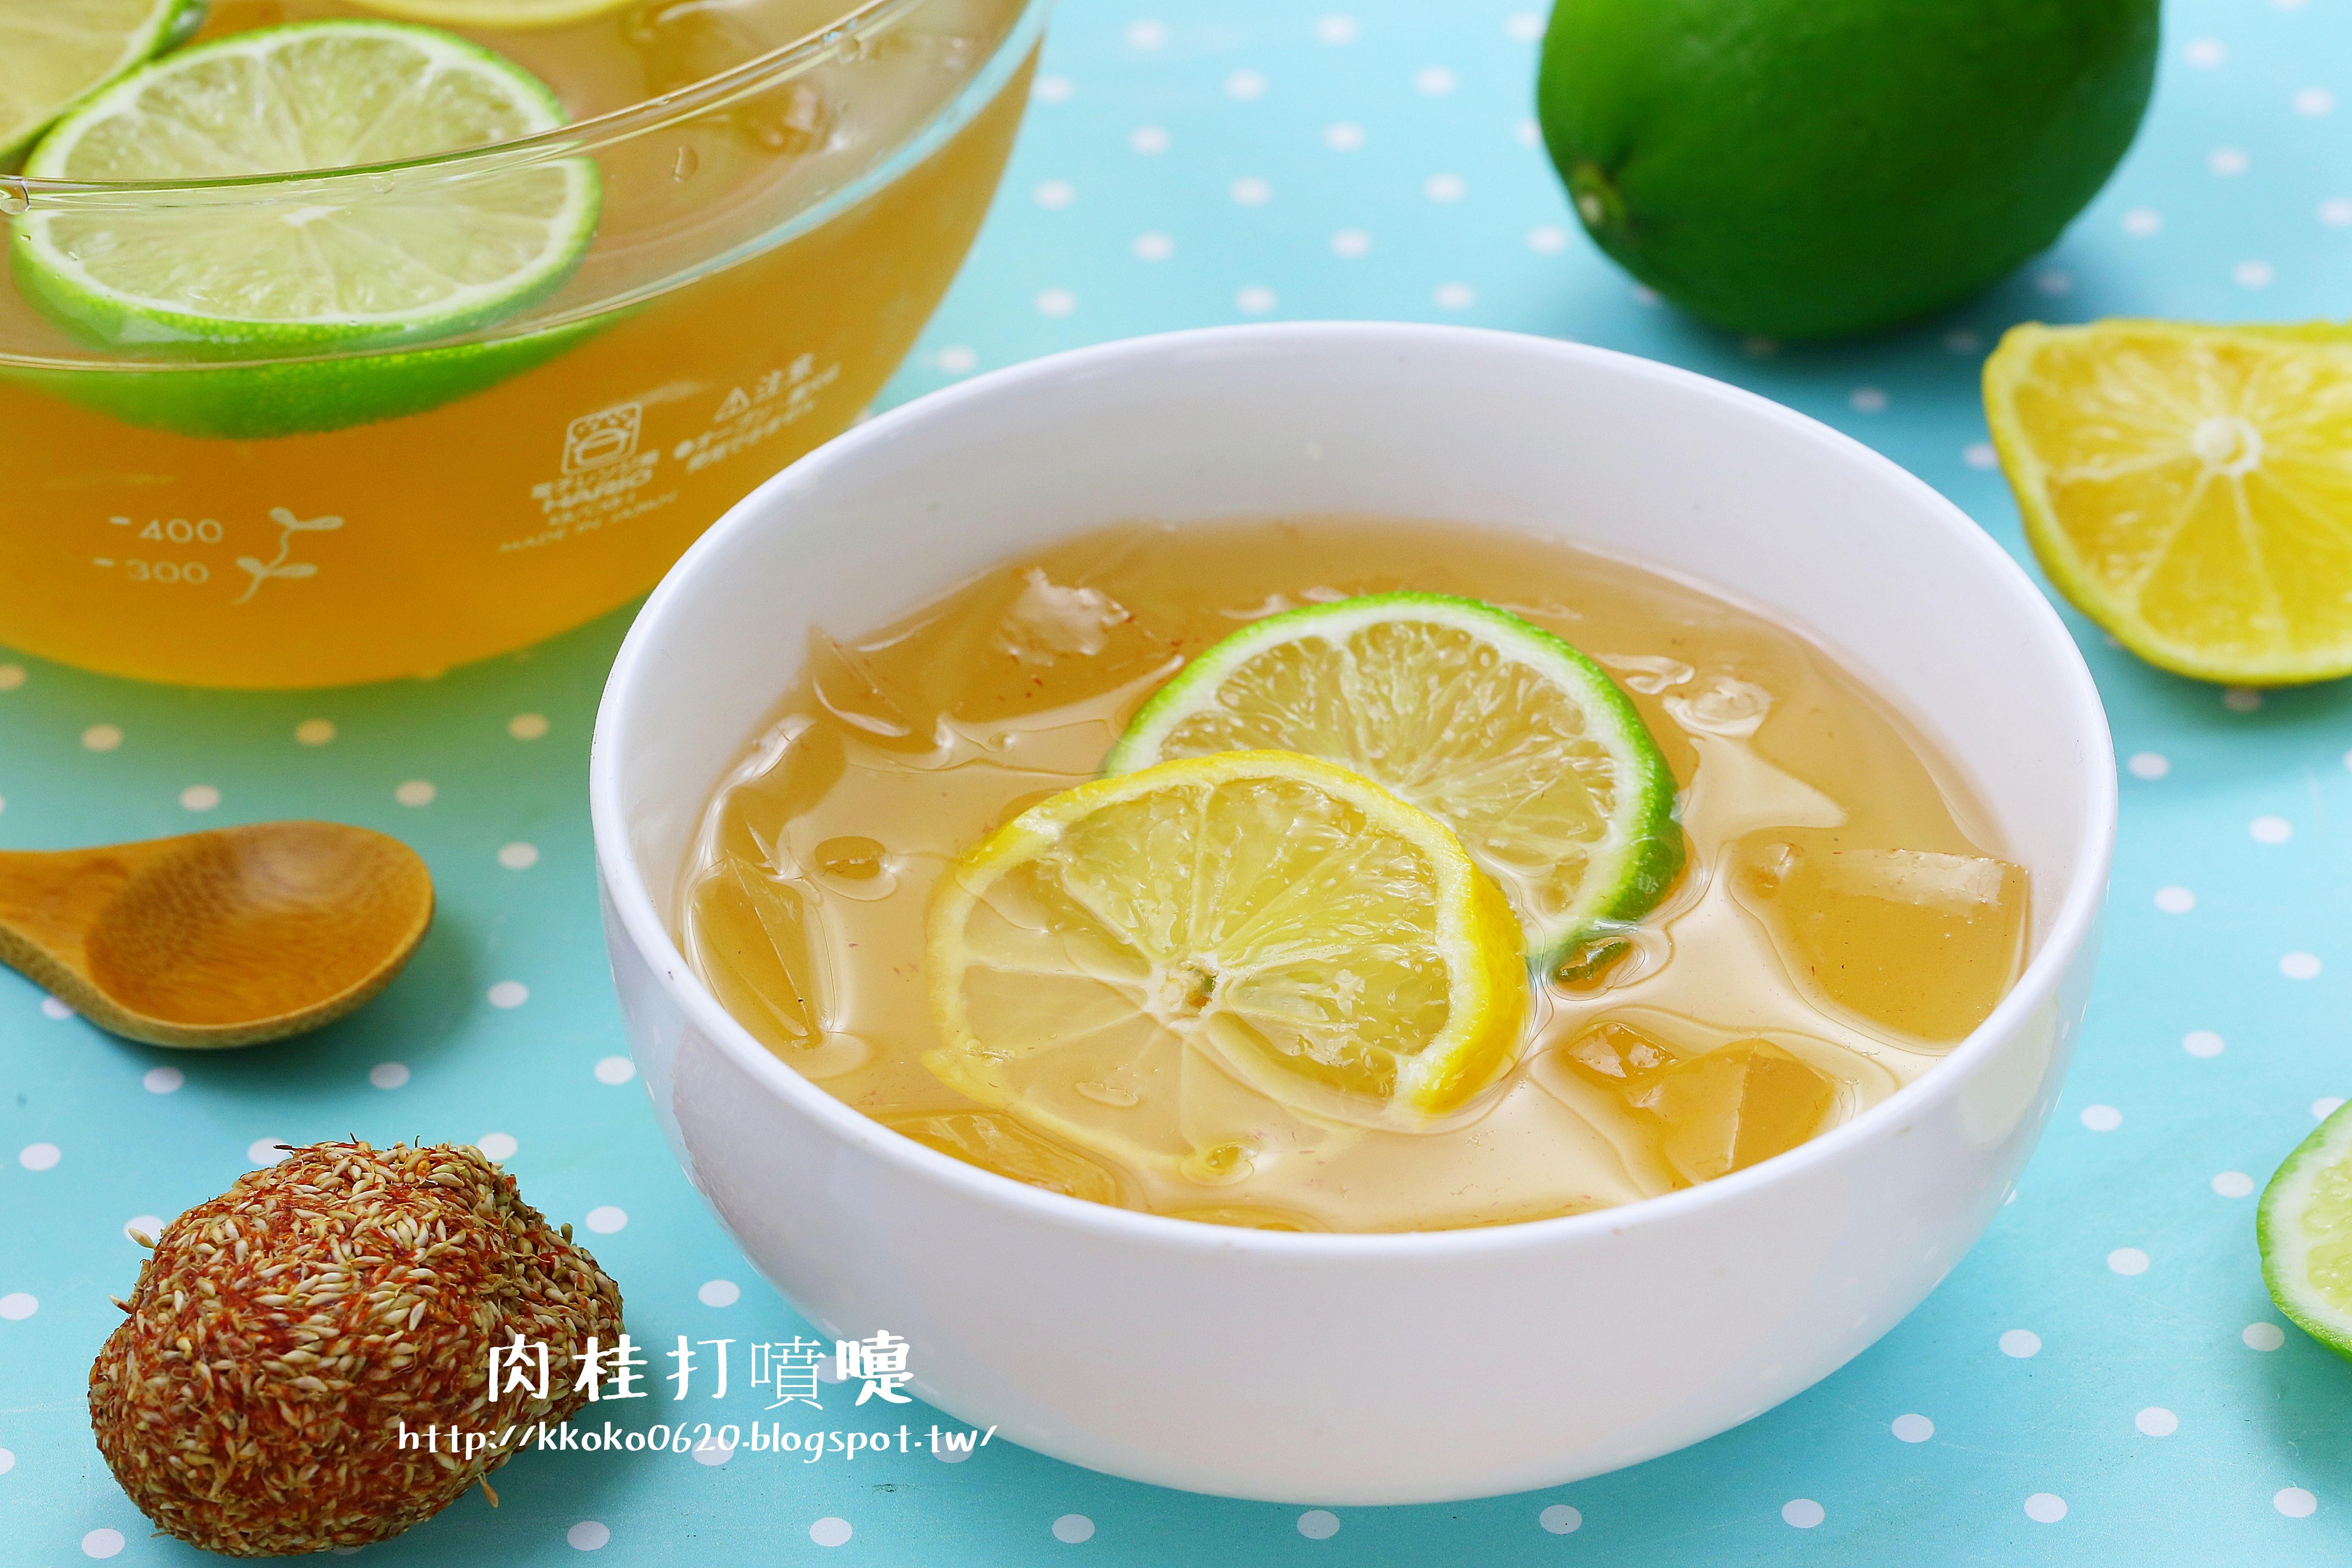 自製檸檬手洗愛玉【3M龍頭式過濾器】